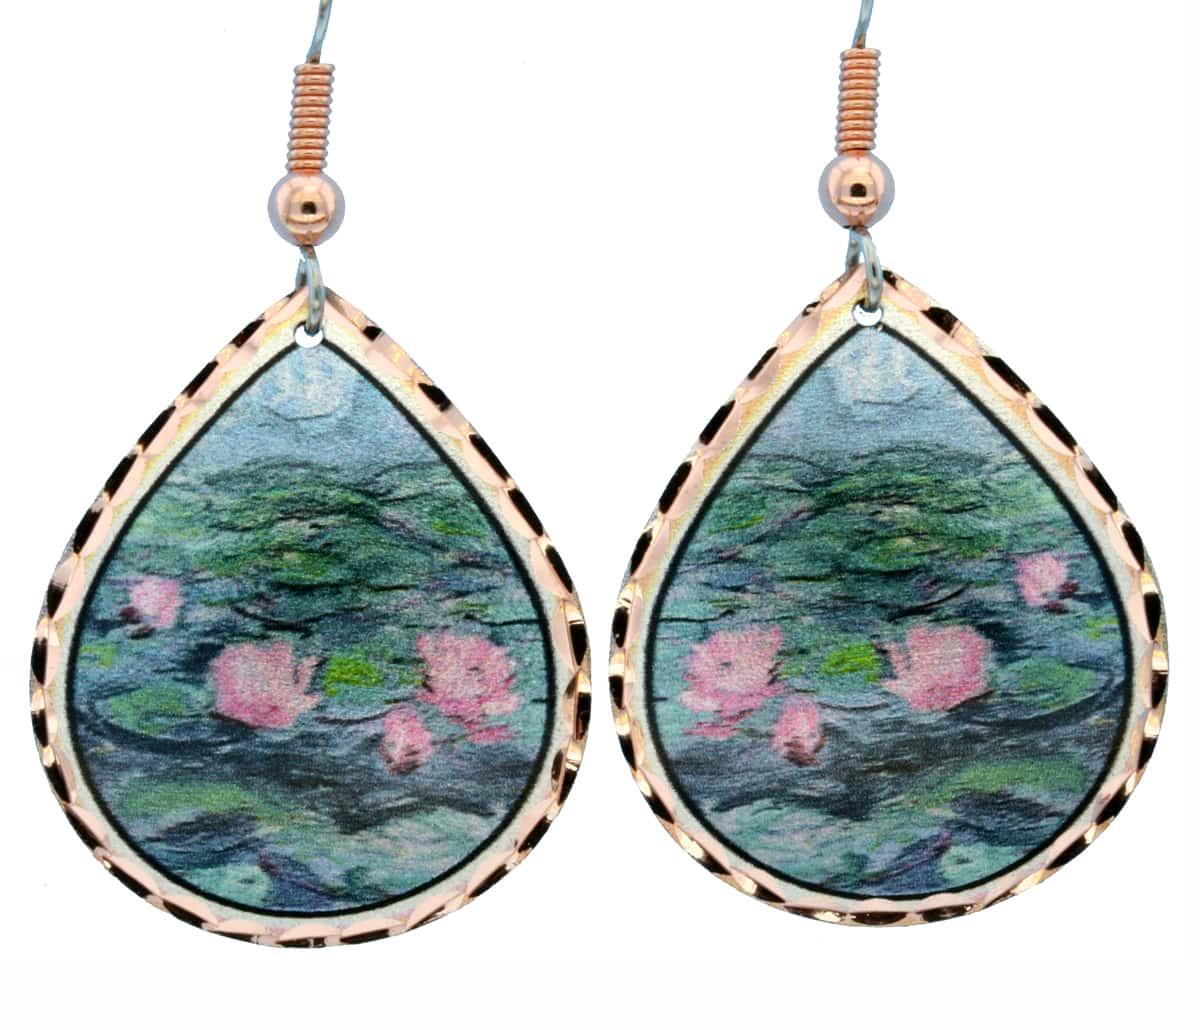 Claude Monet Water Lily Pond Teardrop Earrings MO-01